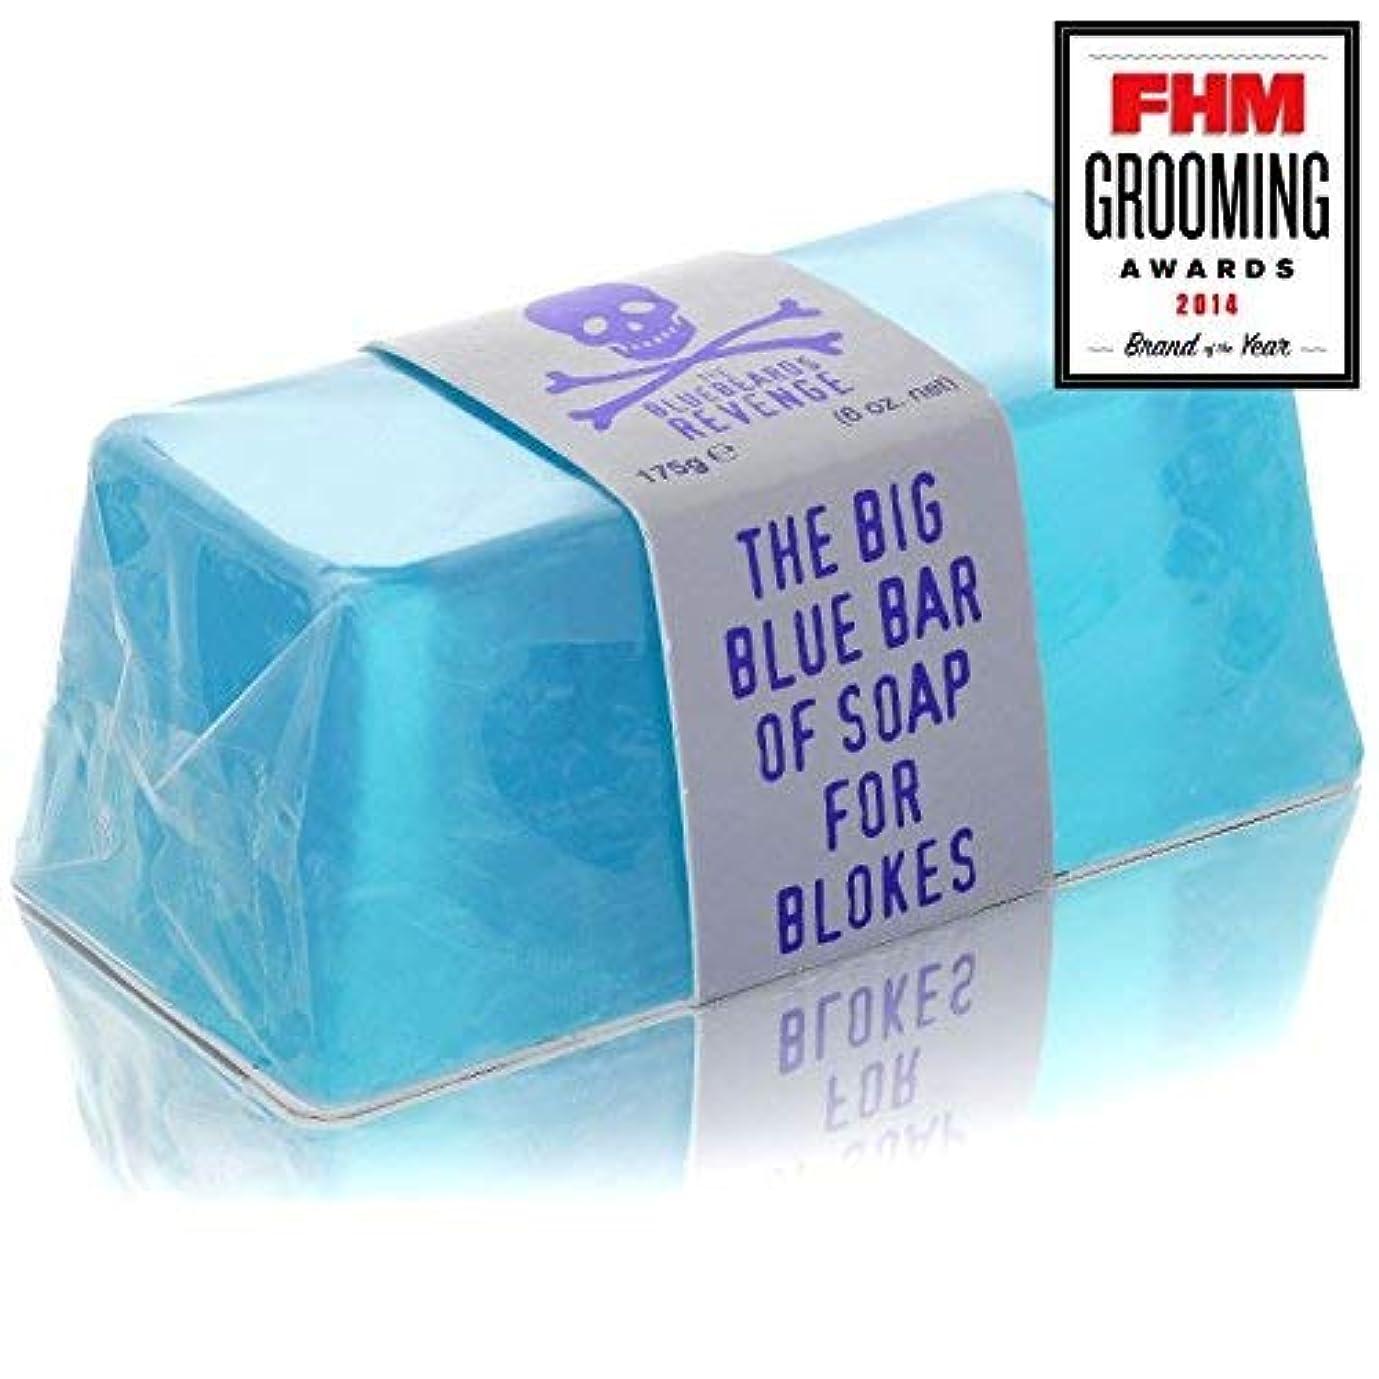 クッション子供時代虫を数えるThe Bluebeards Revenge Big Blue Bar of Soap for Blokes Glycerin Soap by The Bluebeards Revenge [並行輸入品]